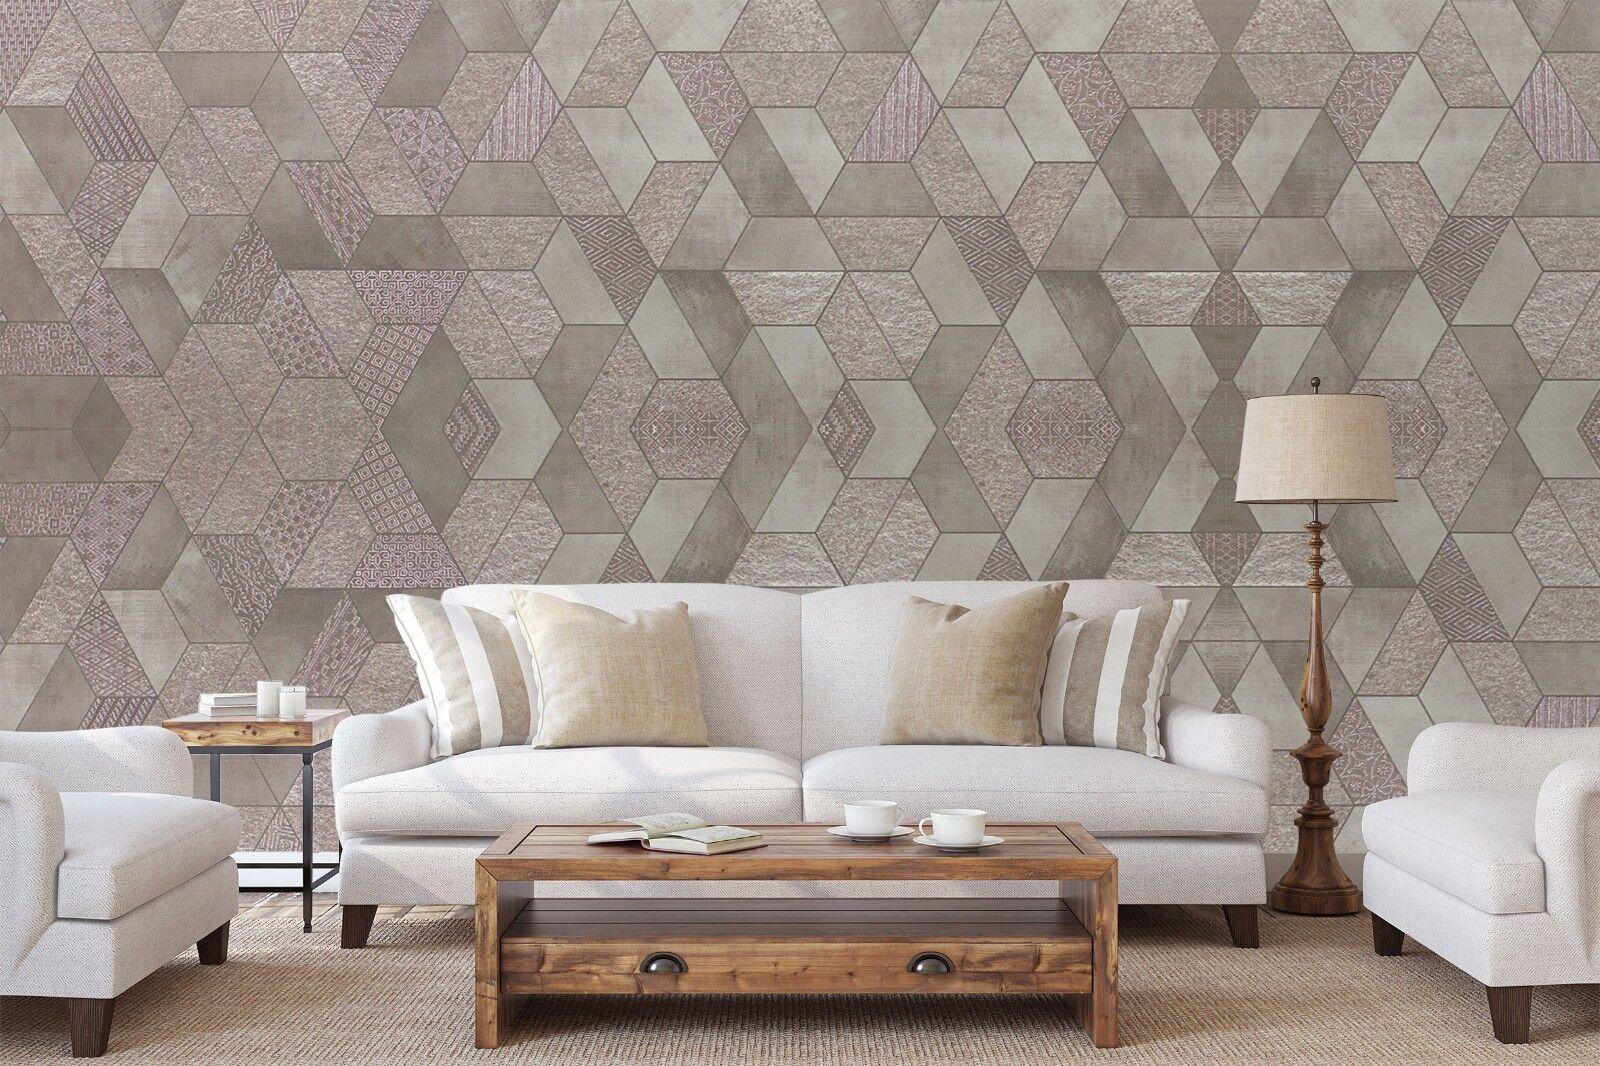 3D 3D 3D Office Home Popular 3 Texture Tiles Marble Wall Paper Decal Wallpaper Mural 48a351